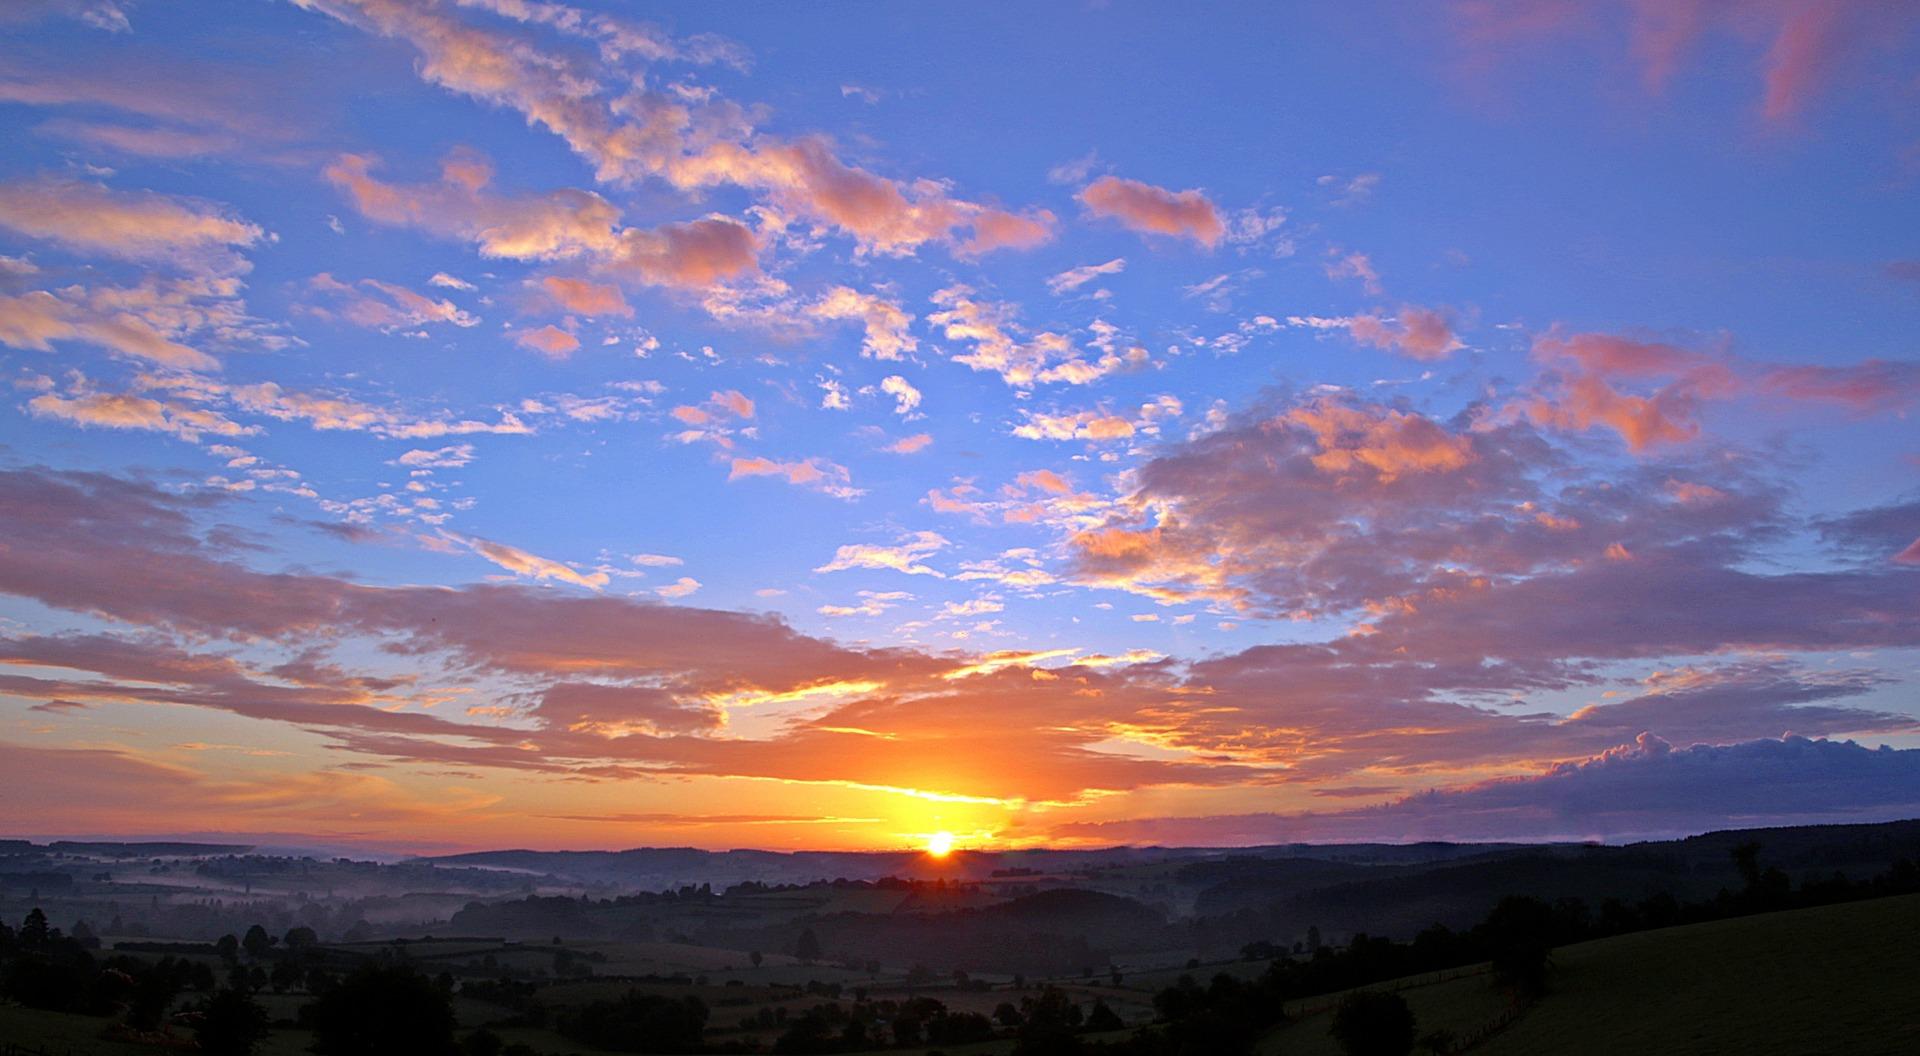 Sunsrise, Setting, Sunrise, Sunset, Set, HQ Photo